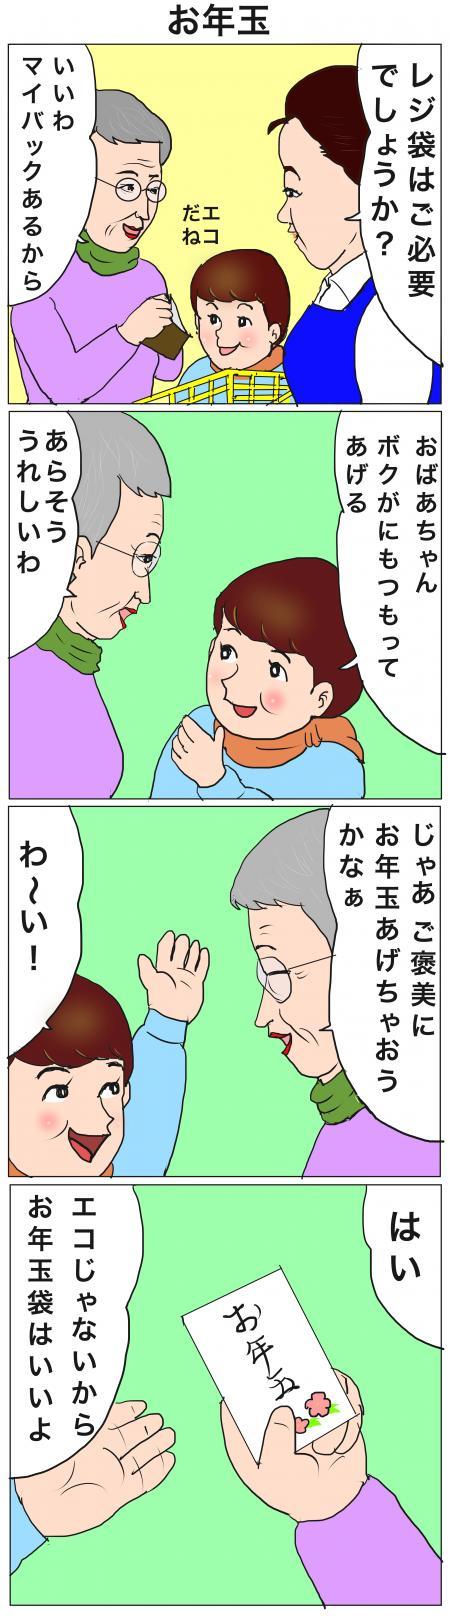 お年玉+のコピー_convert_20141220190007